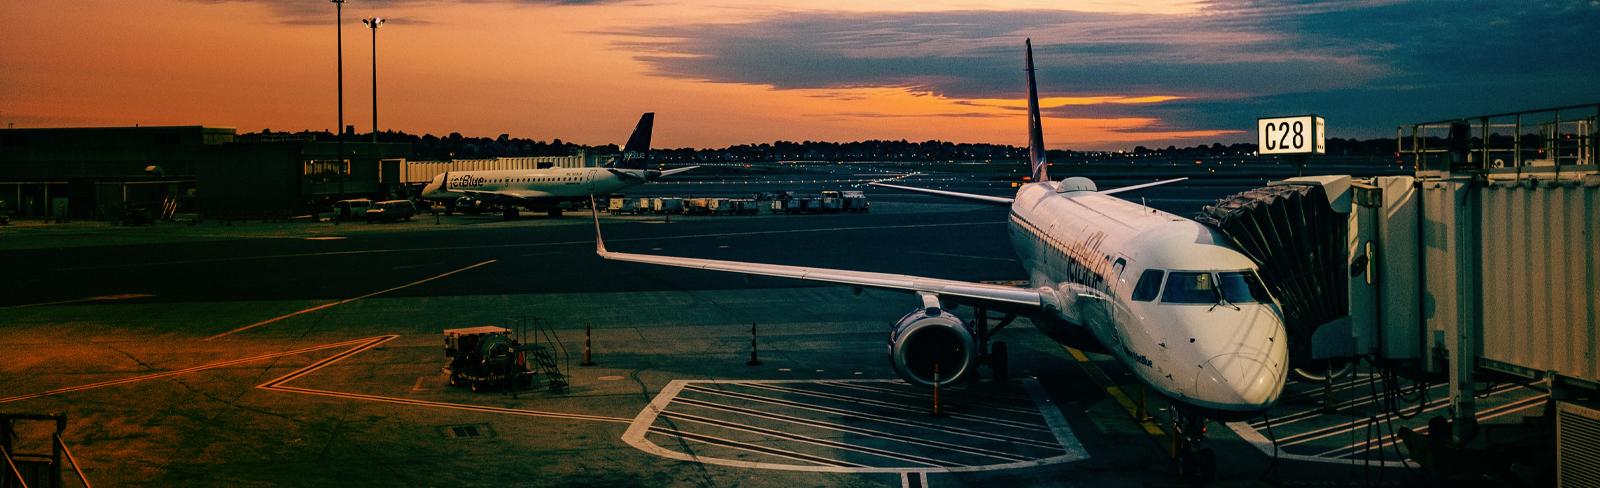 O que está acontecendo nos destinos internacionais que estão retomando o turismo?